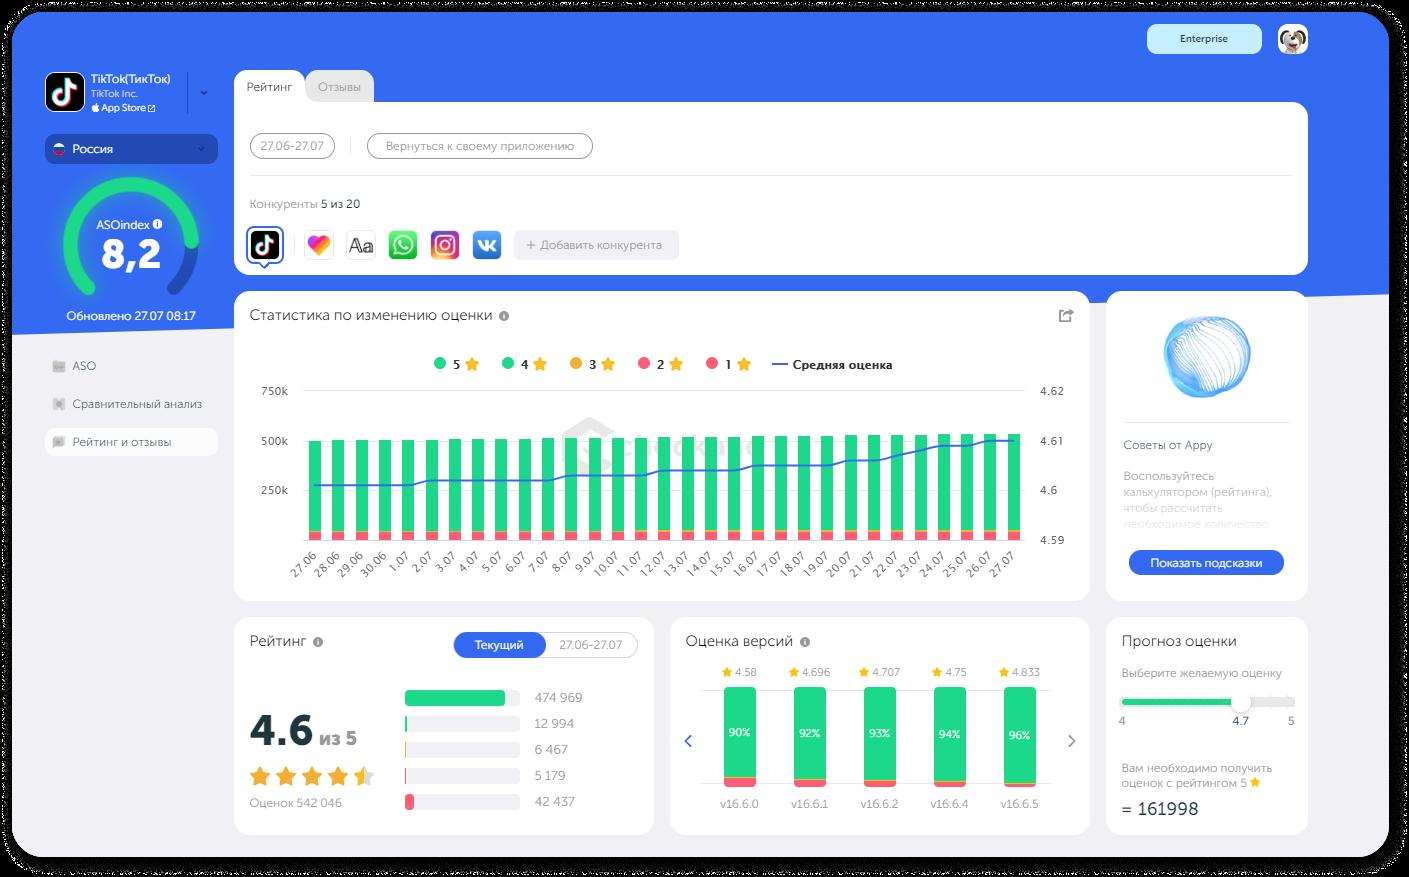 Как работать с отзывами, чтобы улучшить рейтинг приложения?